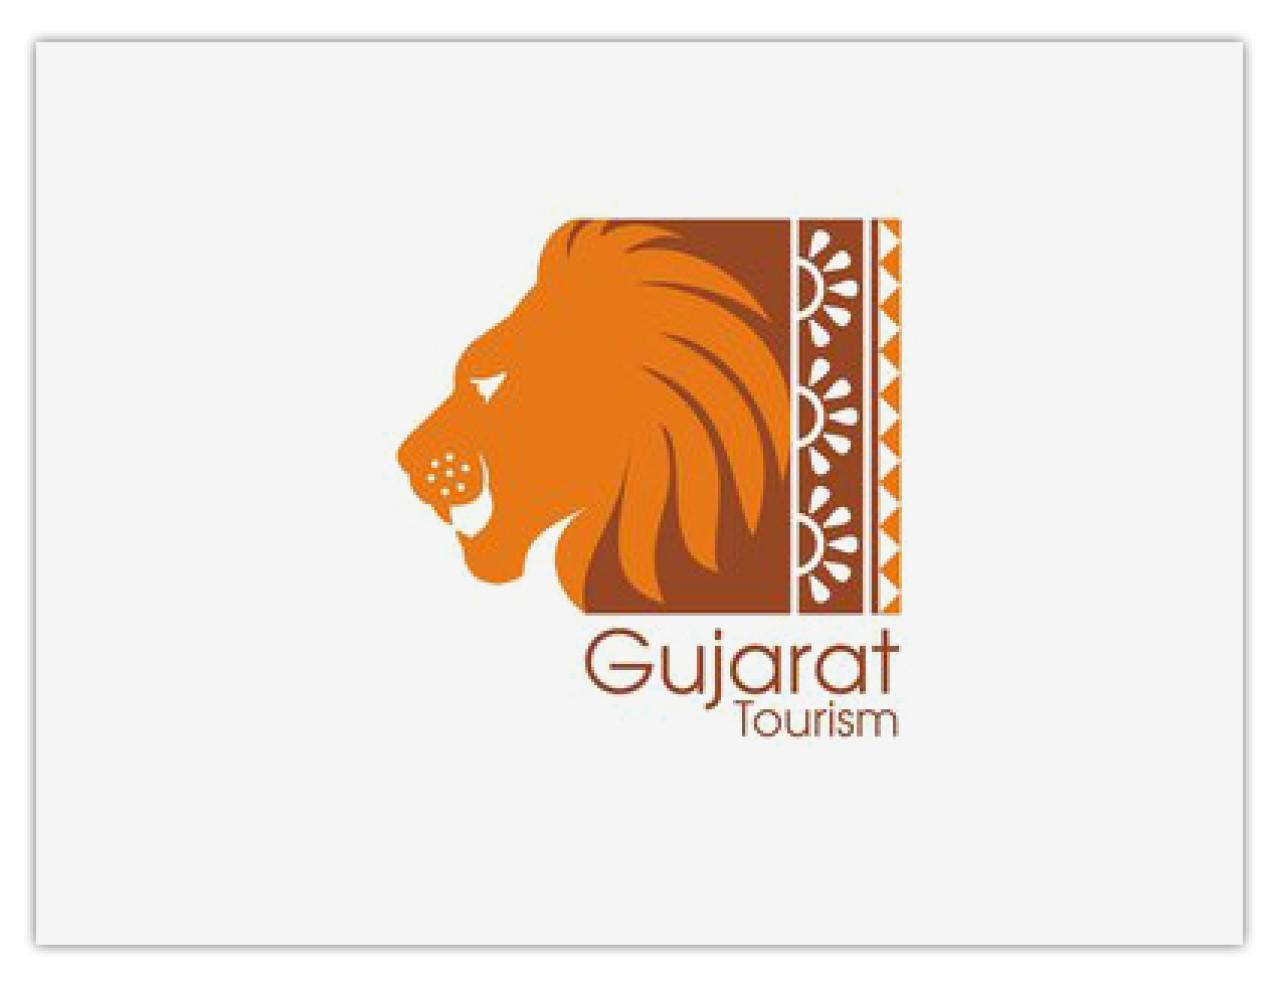 Breathe In A Bit Of Gujarat